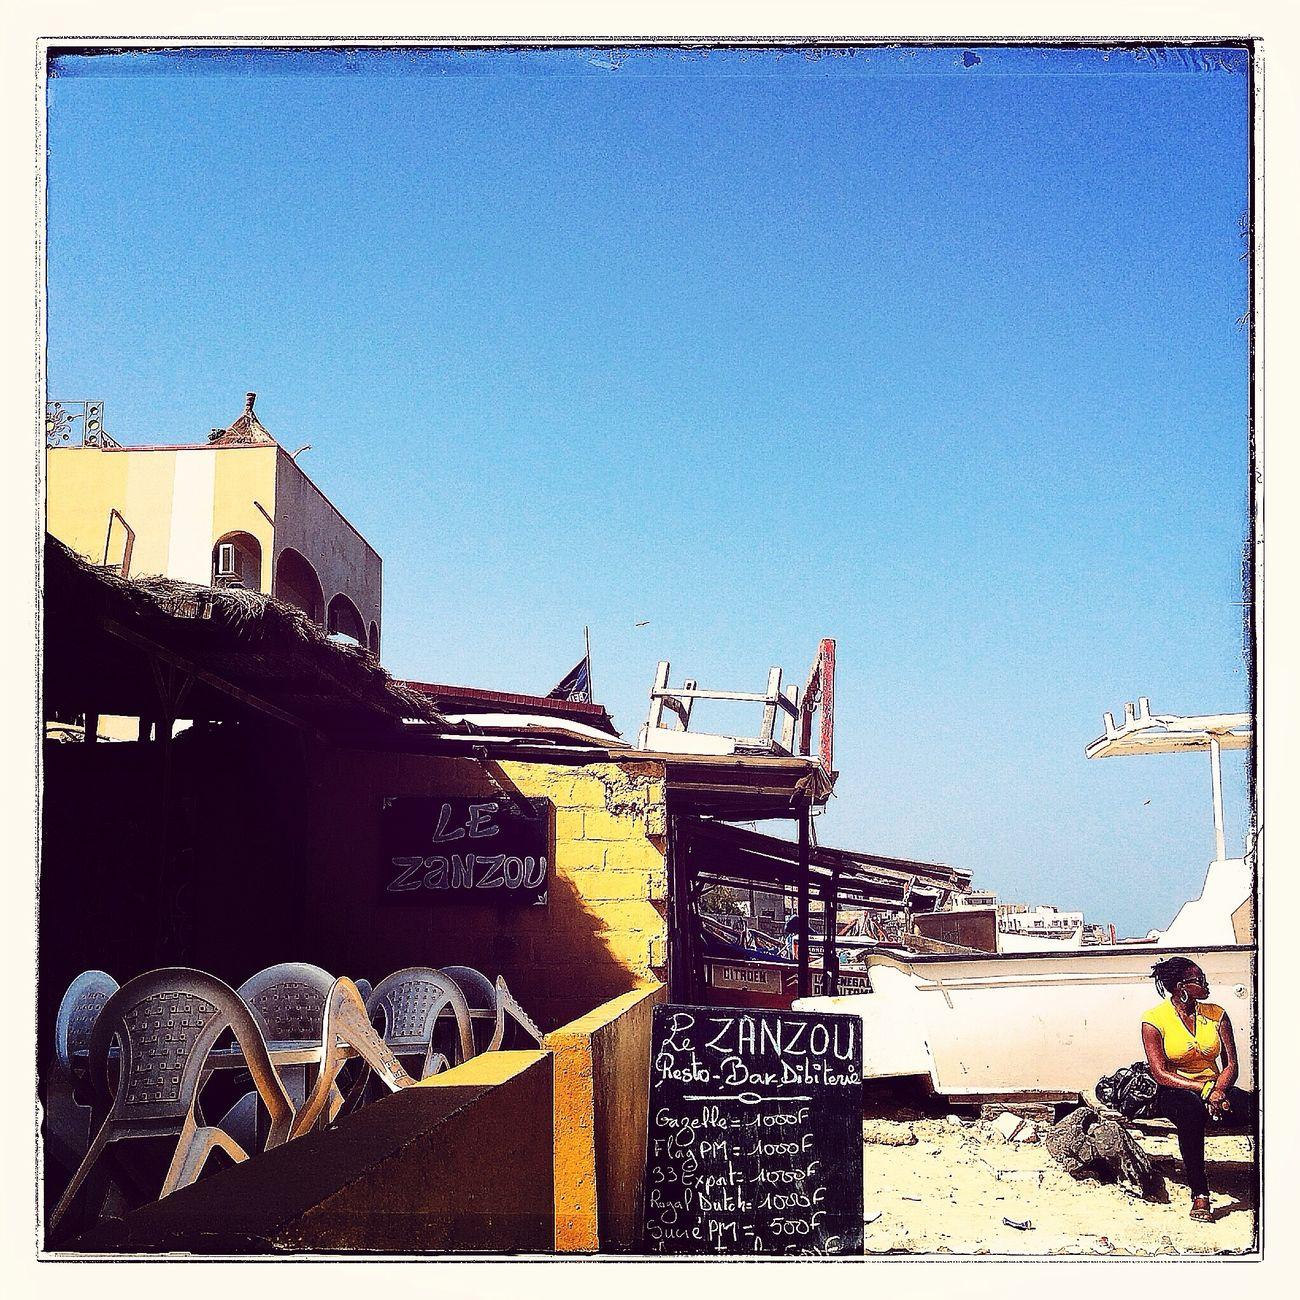 Ngor Beach Africa senegal Dakar Instagram